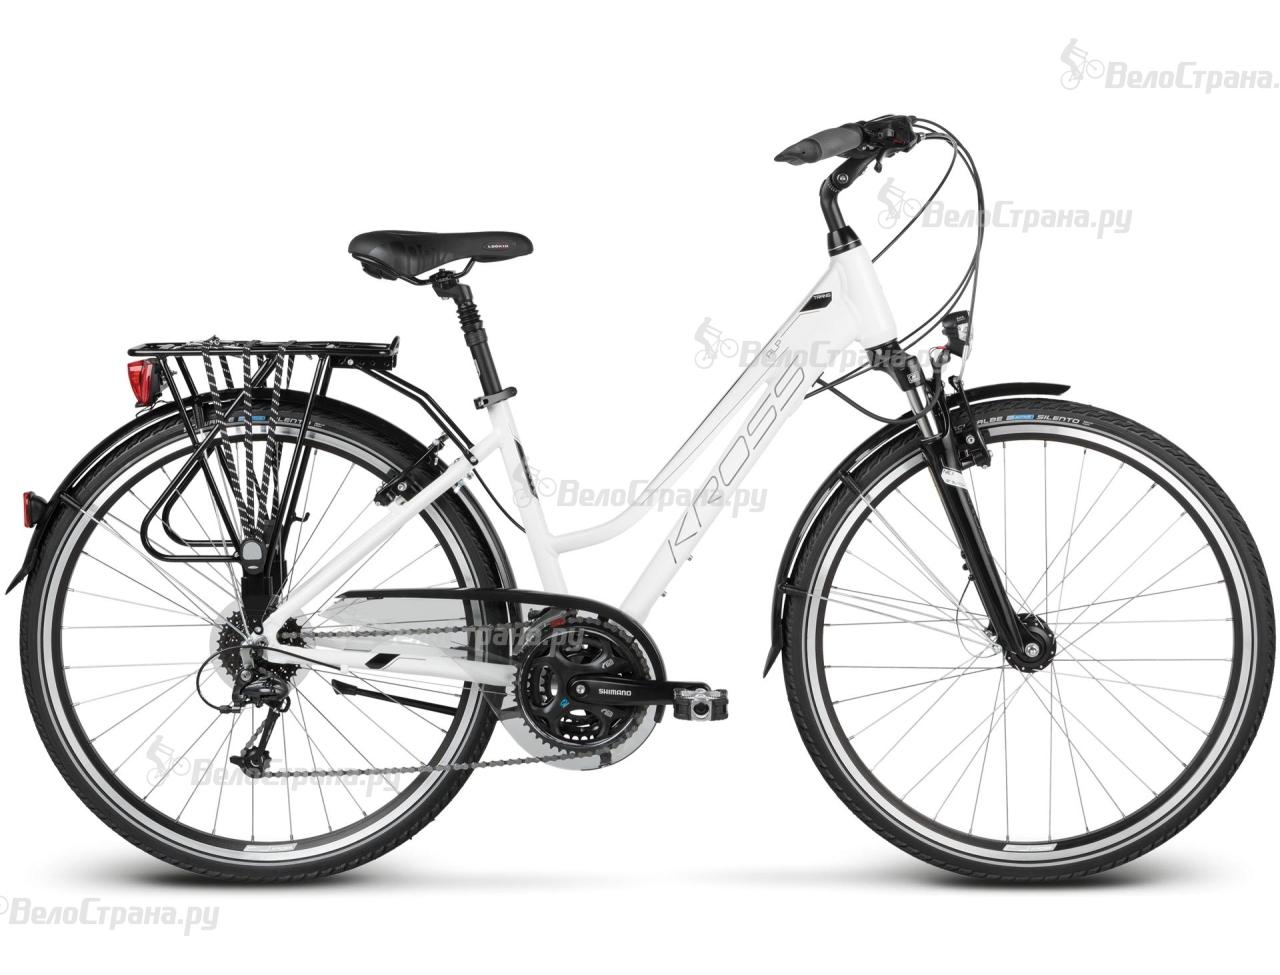 Велосипед Kross Trans Alp Lady (2017)